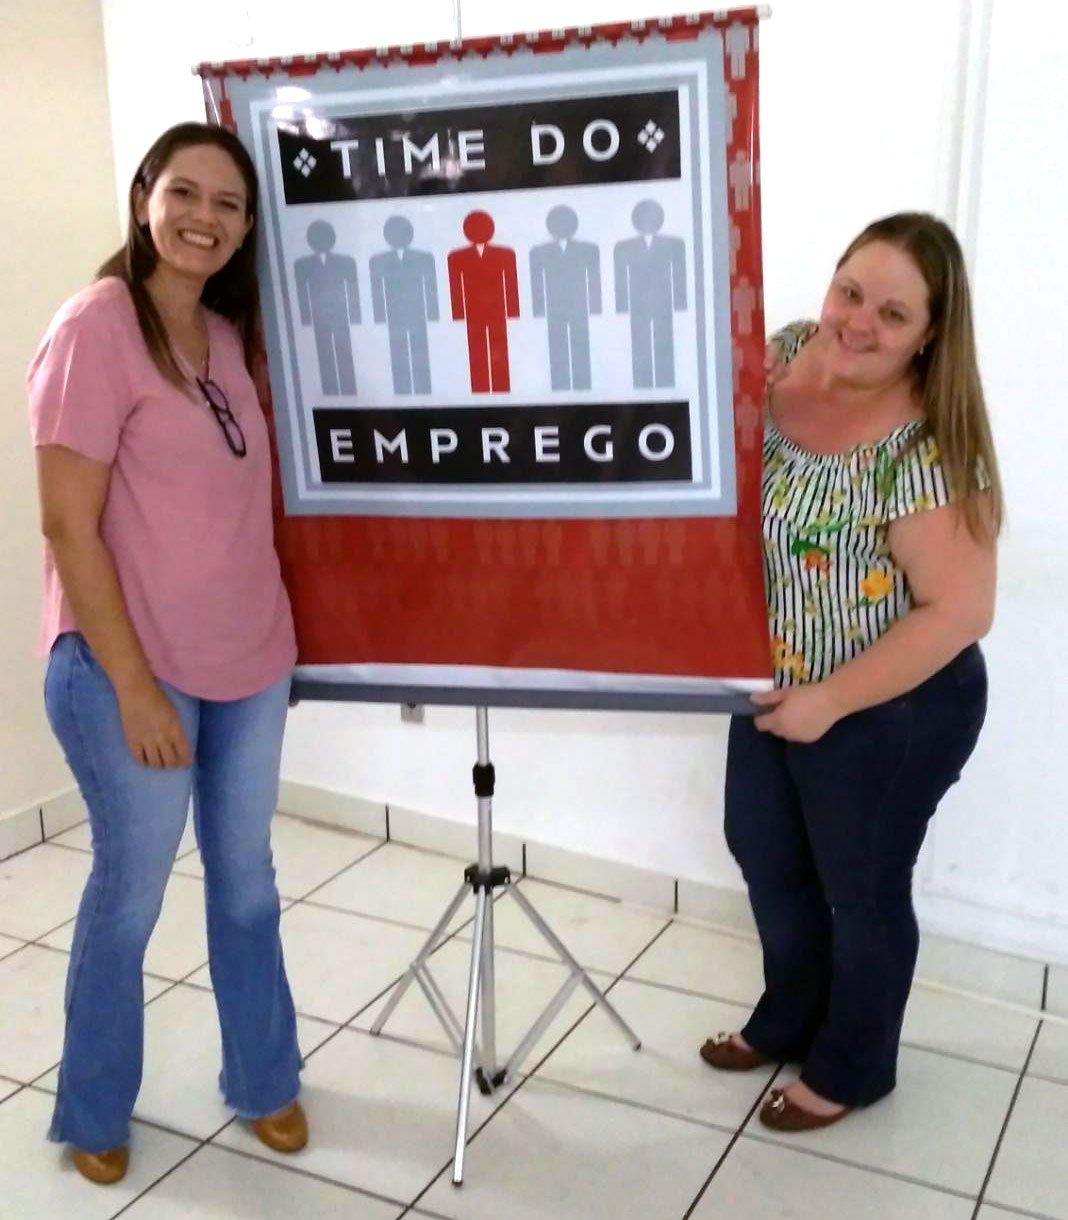 Diretoria da Assistência Social oferece O Time do Emprego para Bálsamo